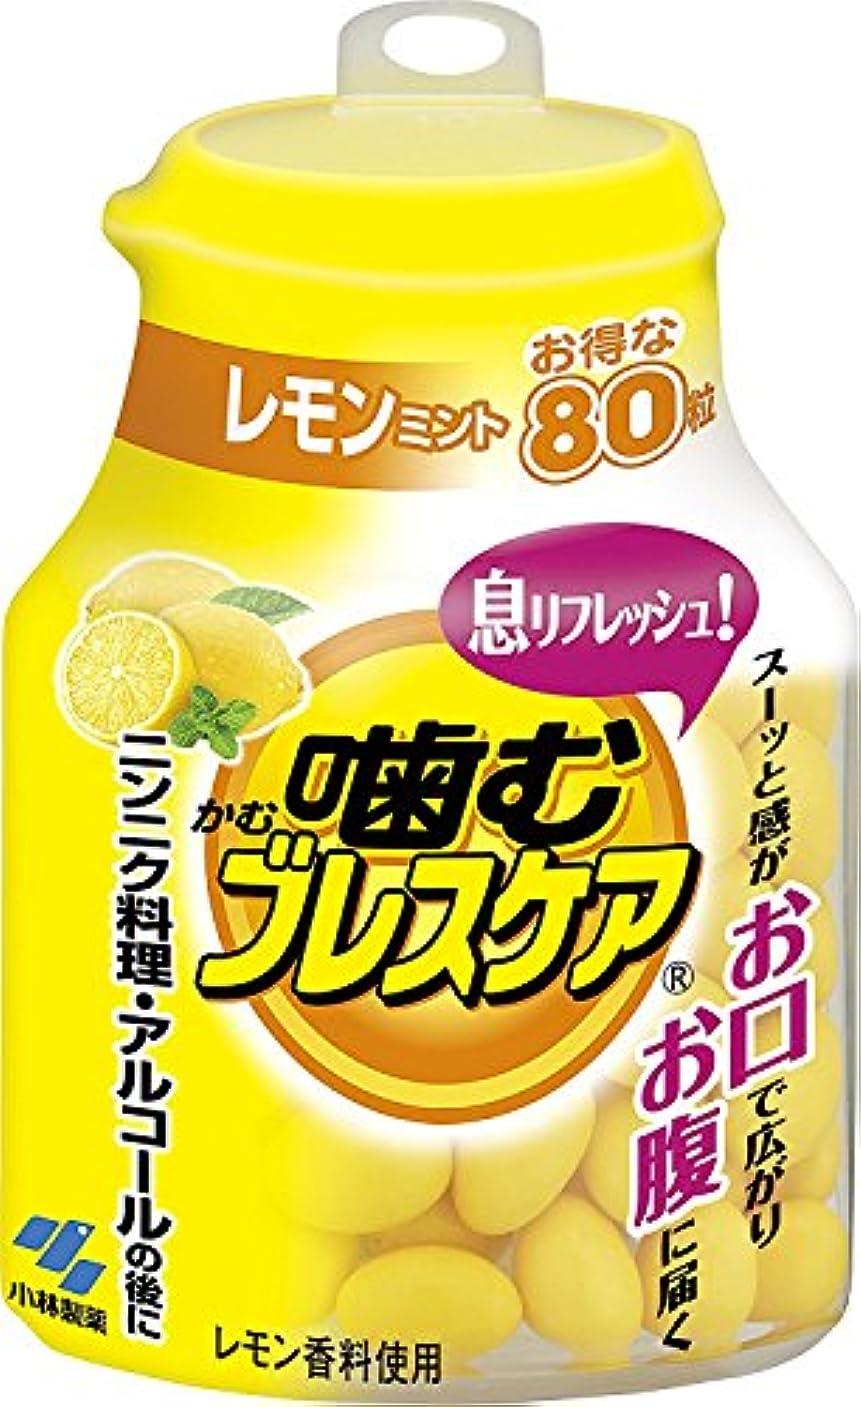 出席悲劇大きさ噛むブレスケア 息リフレッシュグミ レモンミント ボトルタイプ お得な80粒